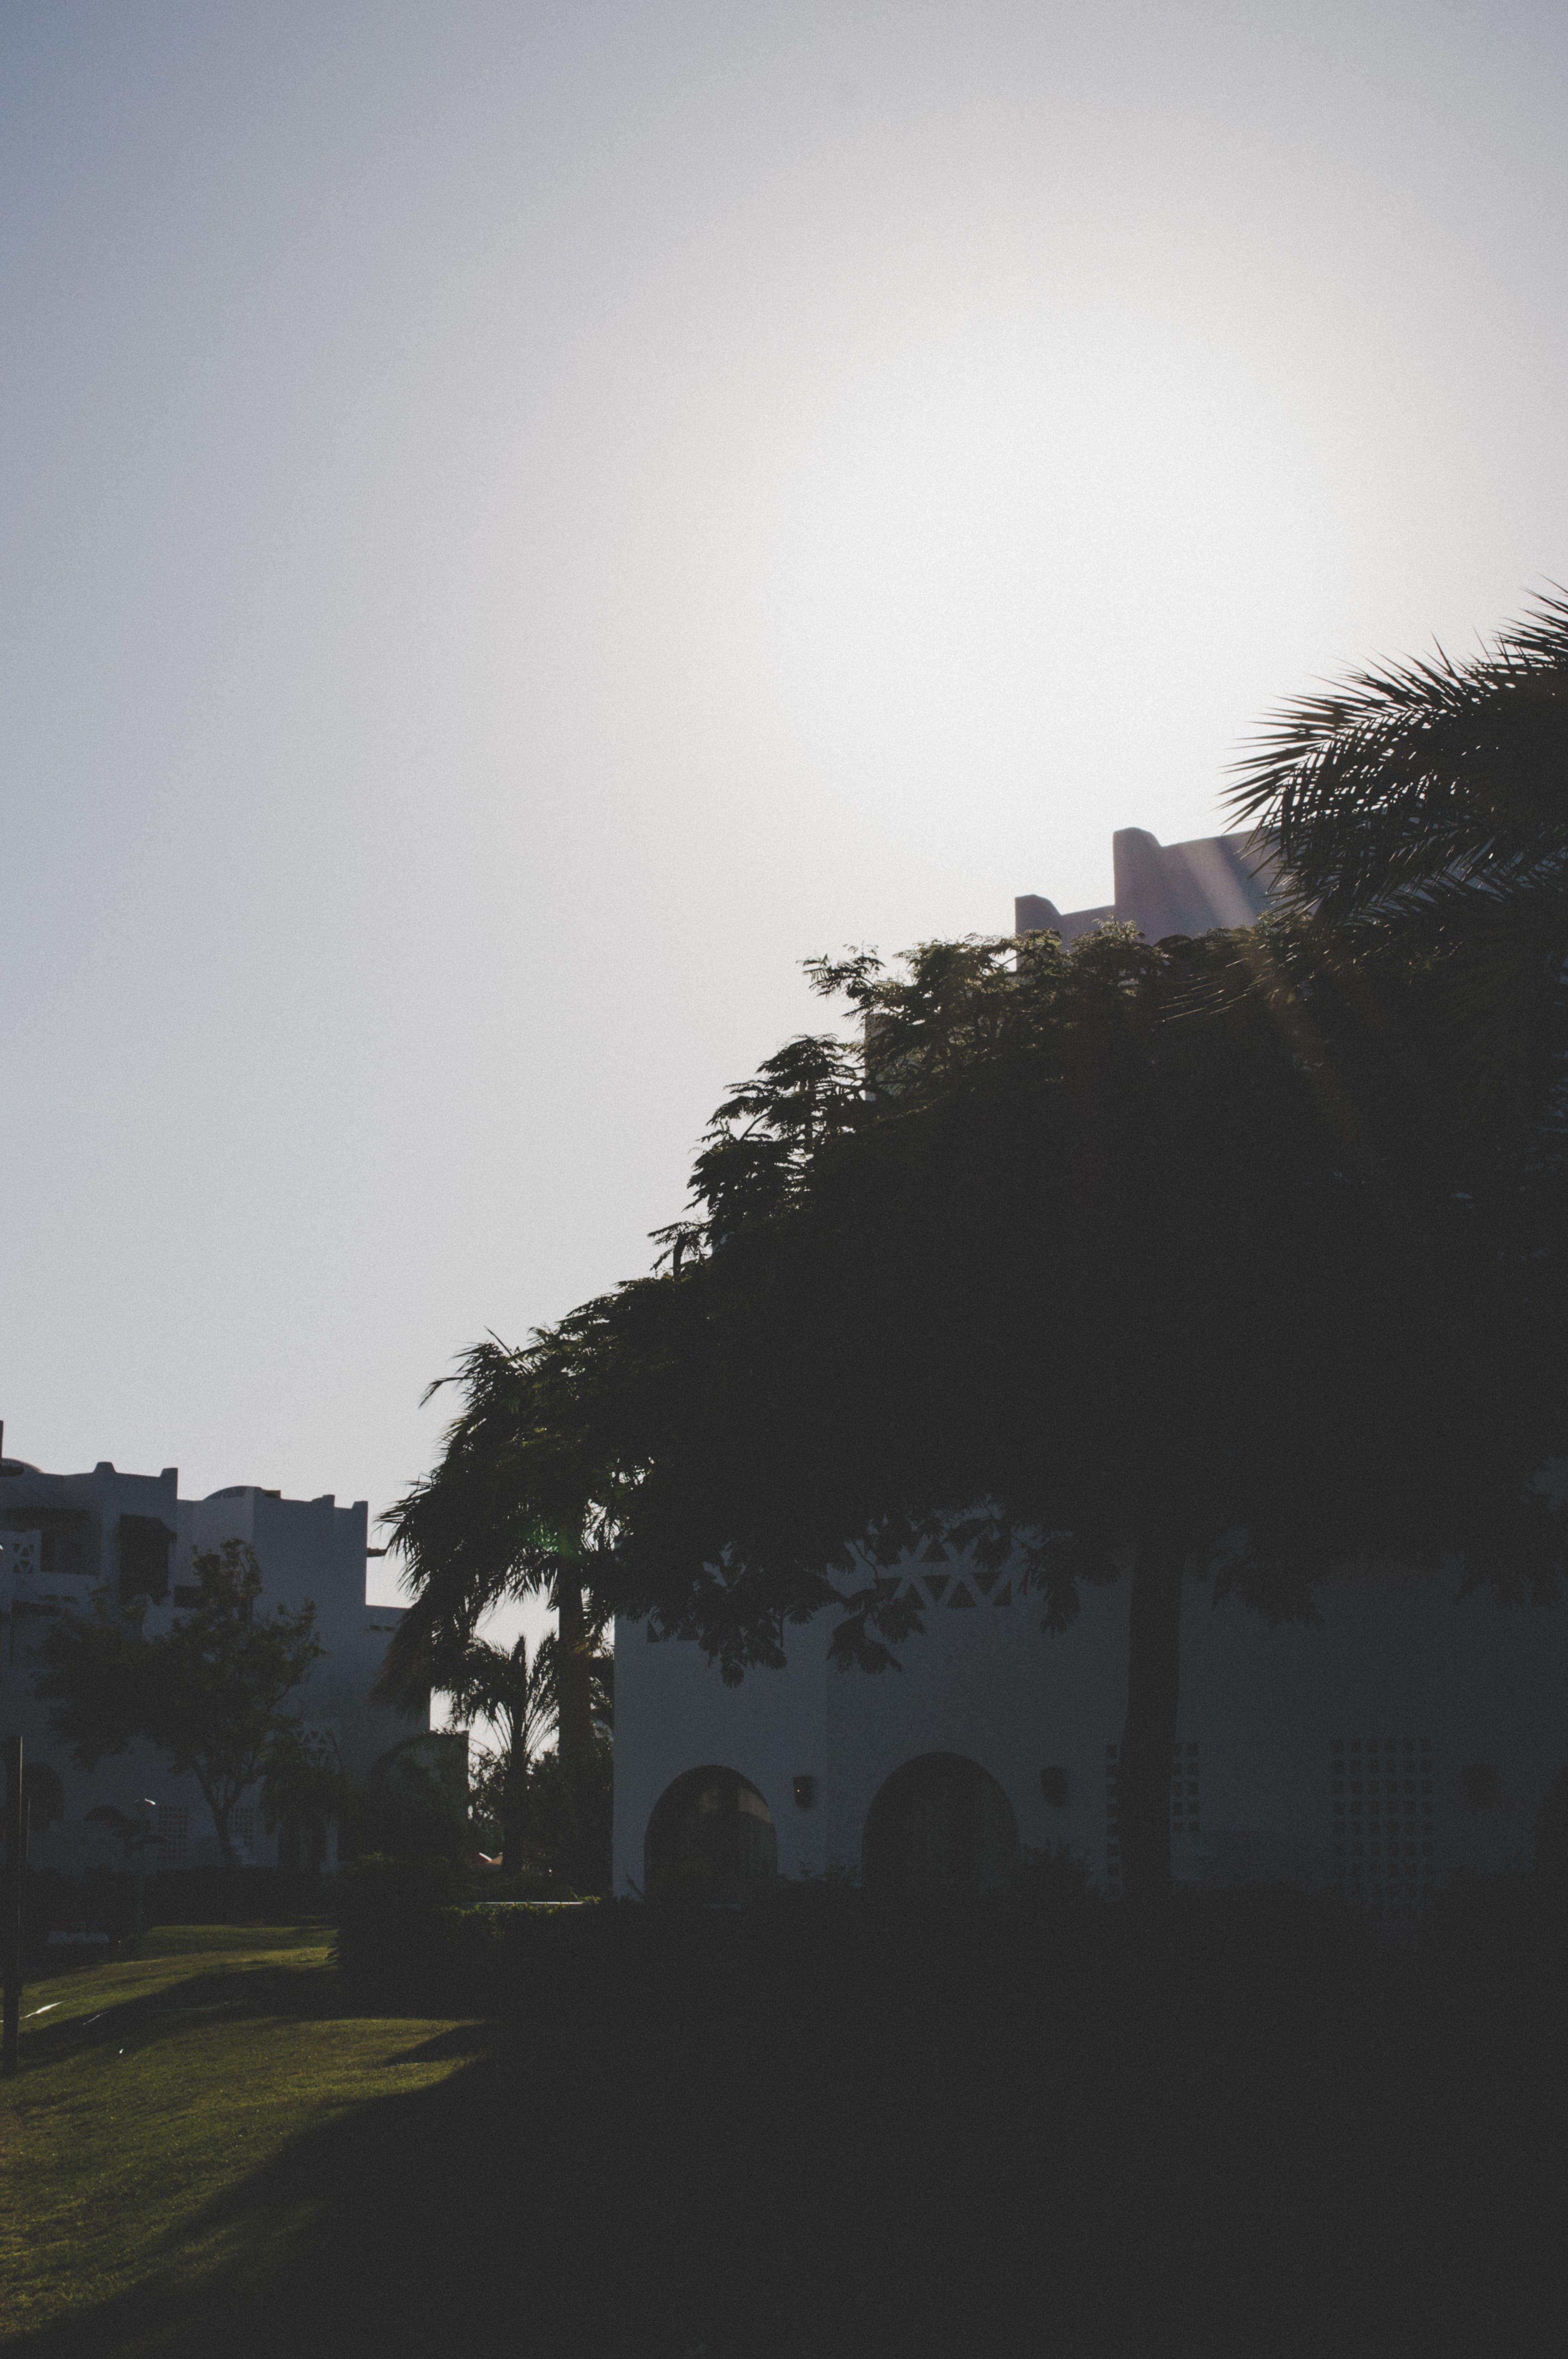 アウトドア, 太陽, 建物, 建物の外観の無料の写真素材